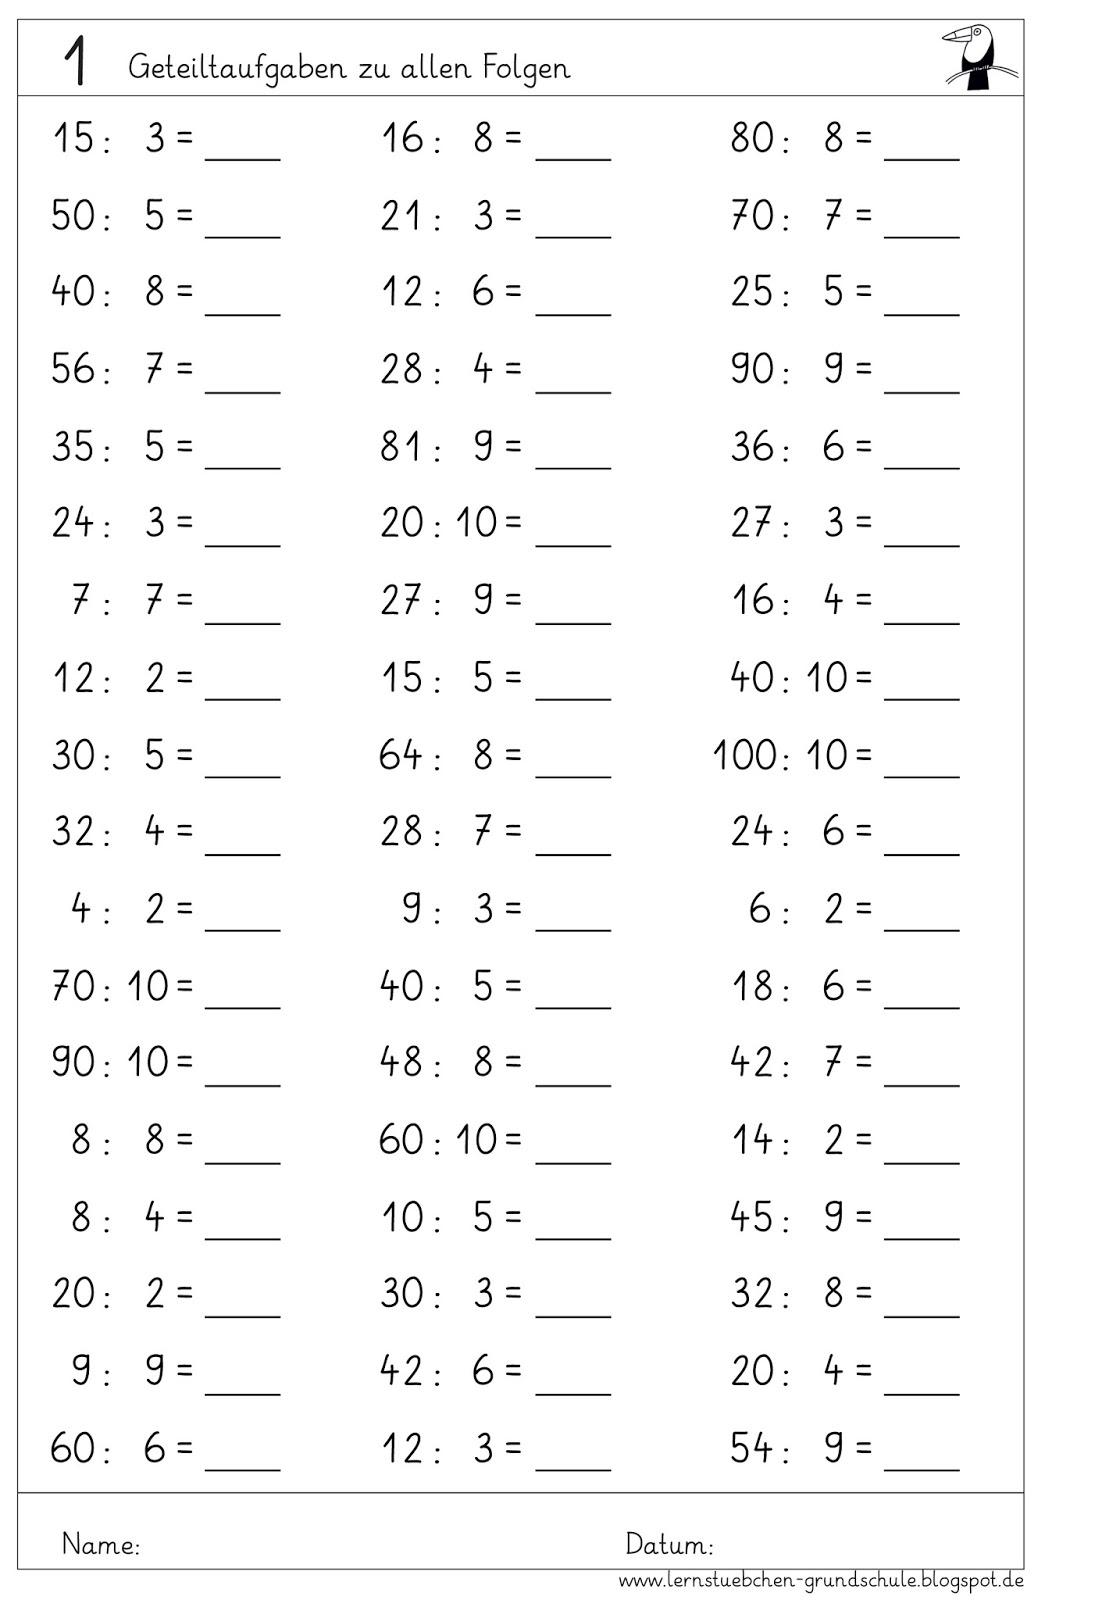 Lernstubchen Kopfrechenblatter Zu Den Geteiltaufgaben